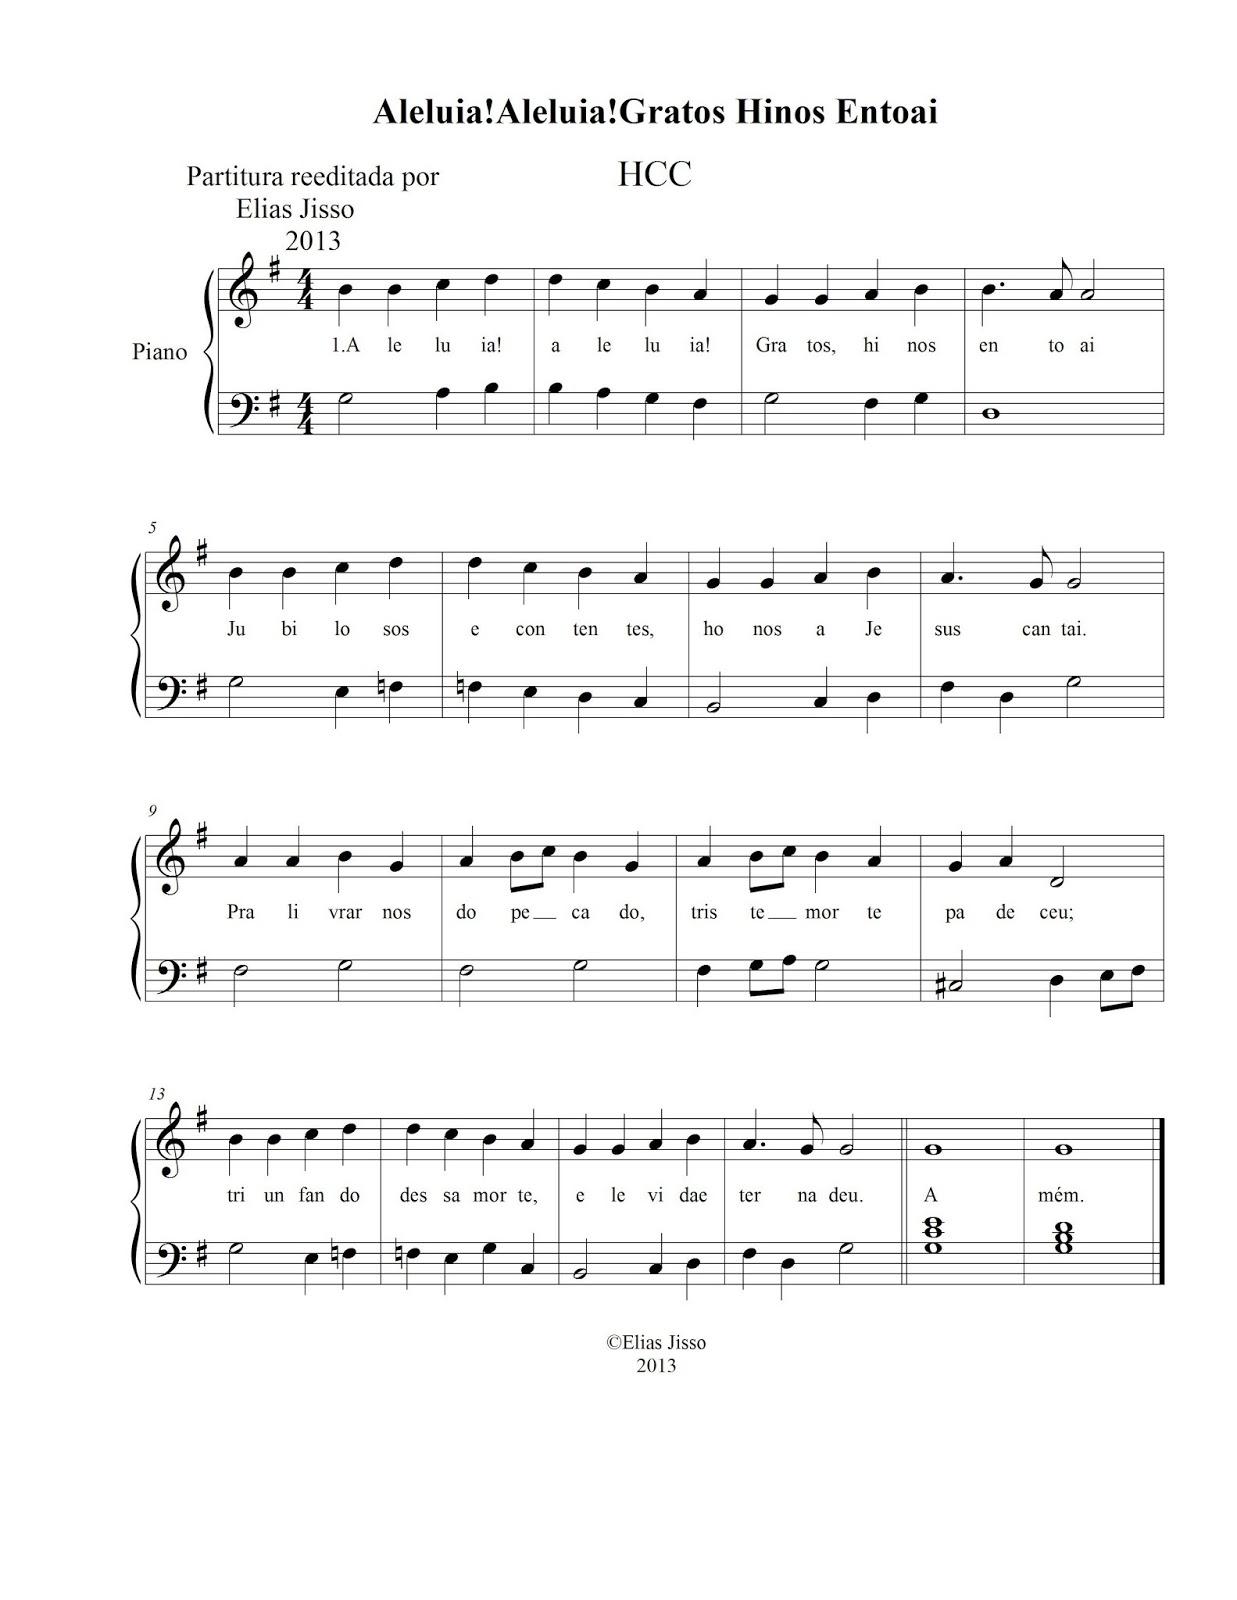 Excepcional Aleluia Gratos Hinos Entoai - HCC | Música / Materiais de Música HU73